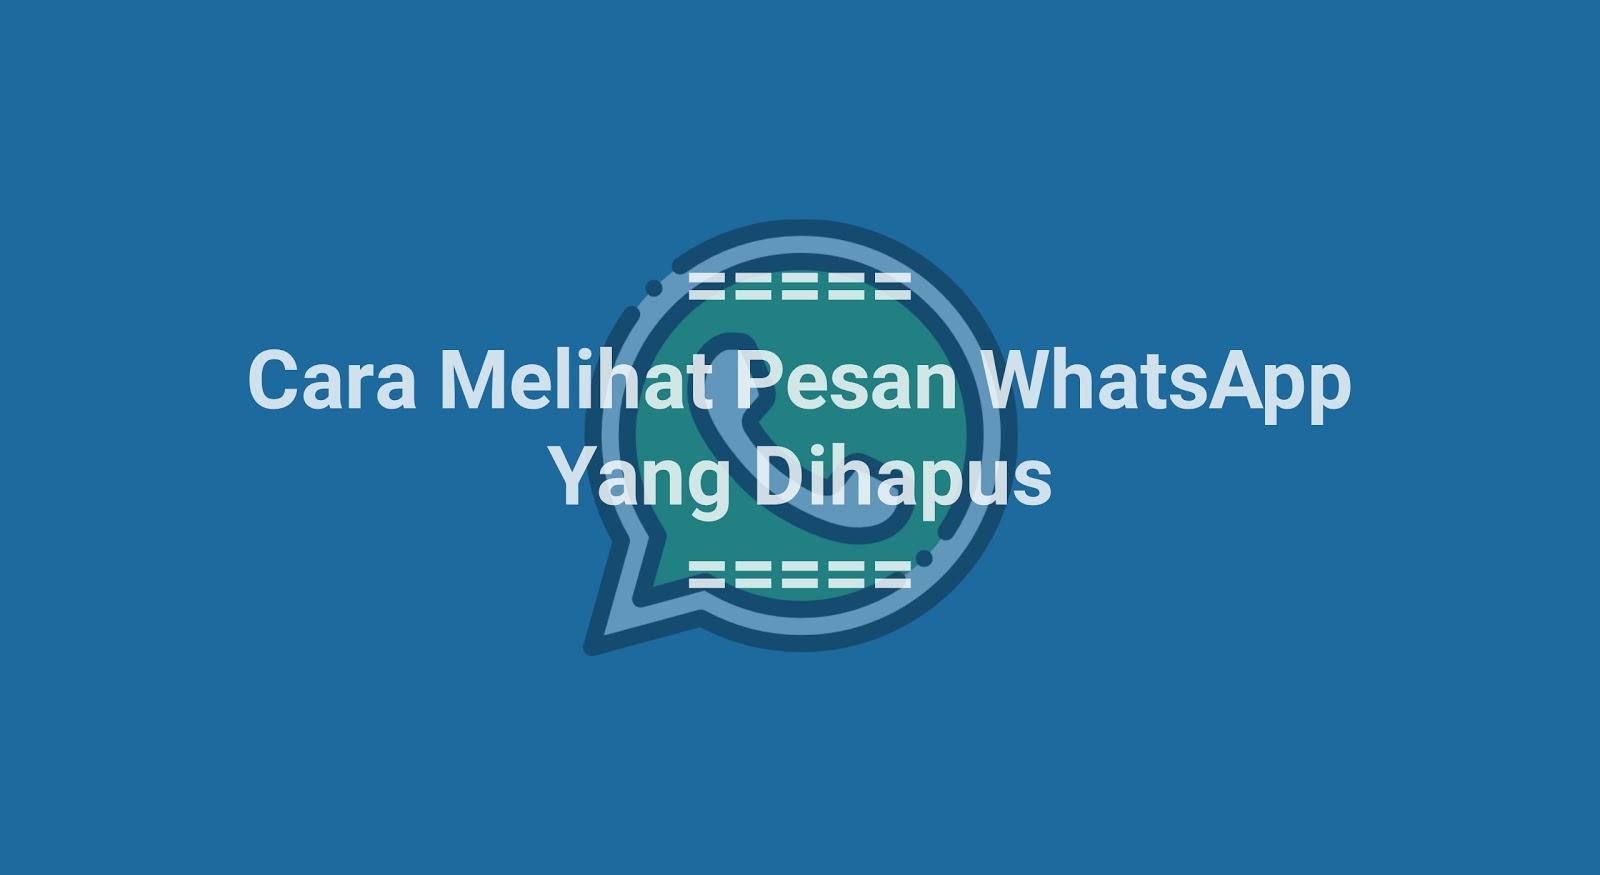 Cara Melihat Pesan WhatsApp yg Sudah Dihapus